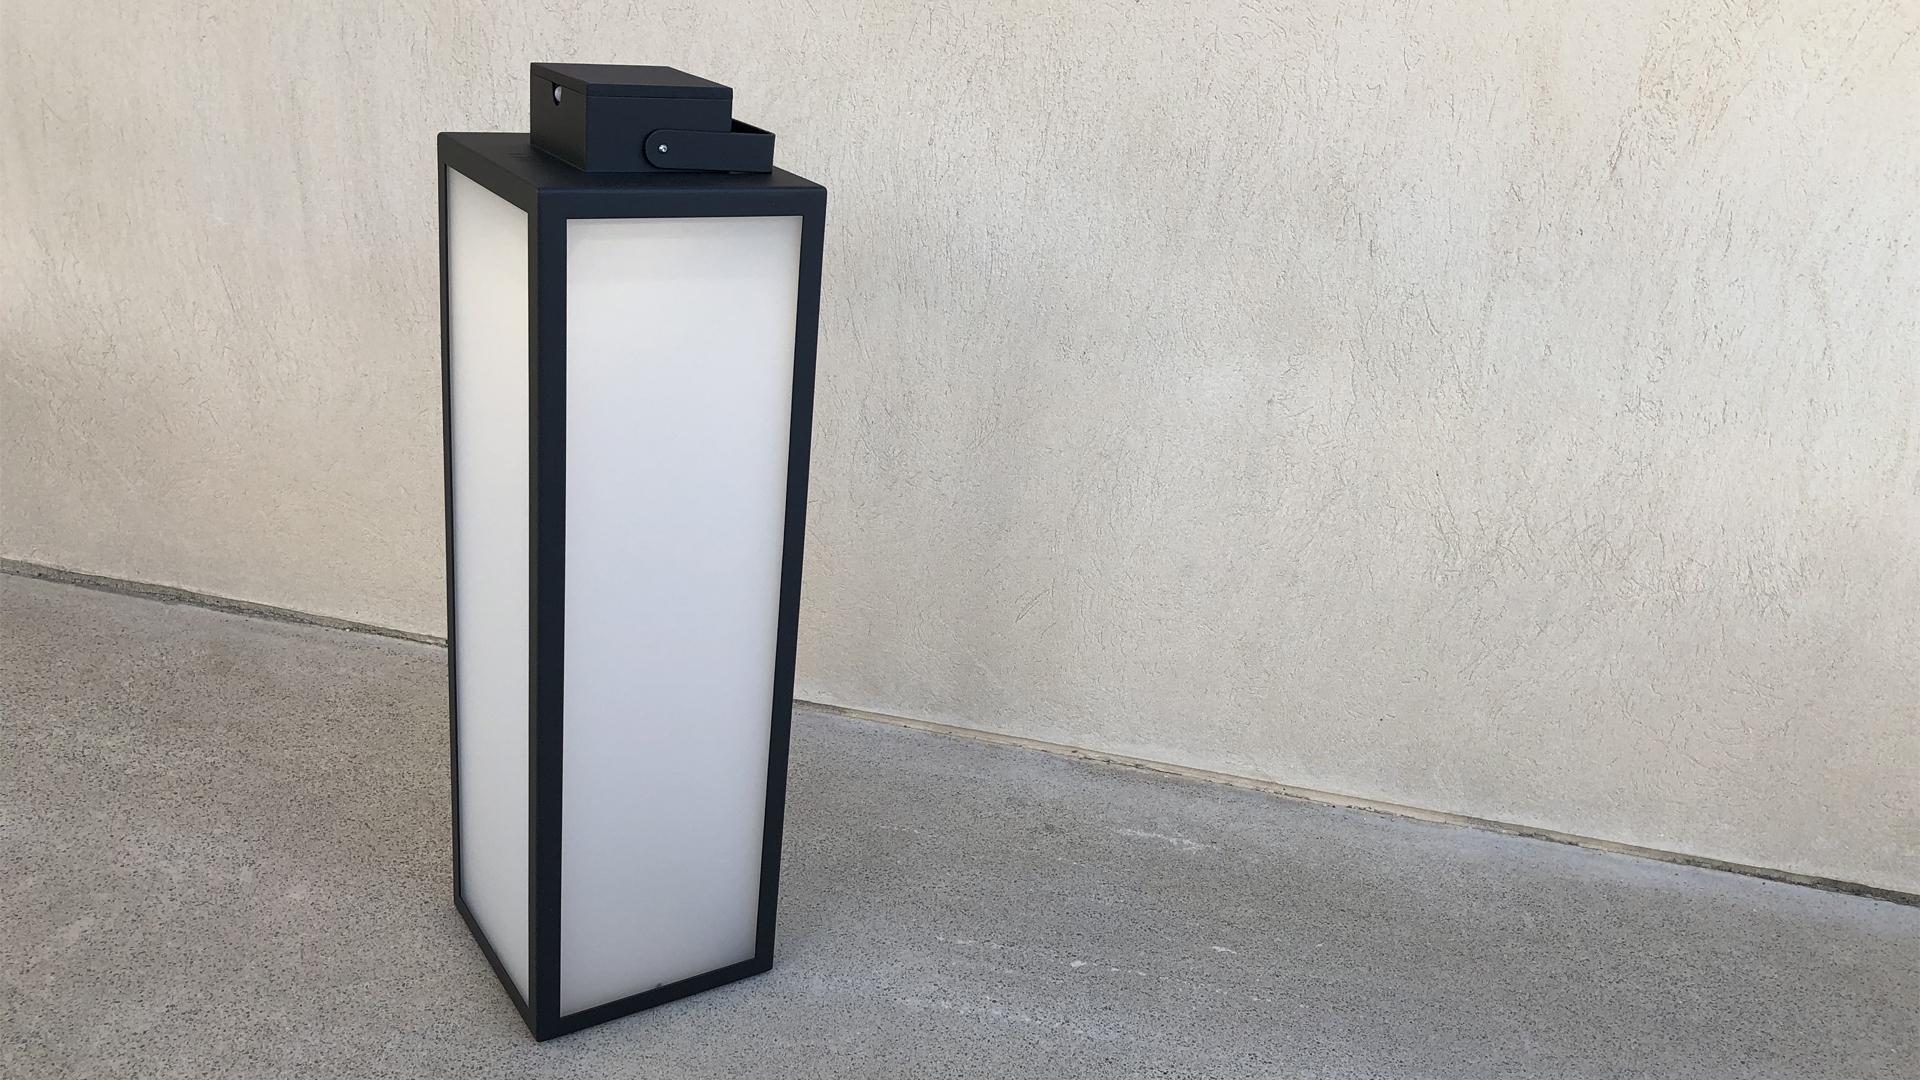 La lampe solaire extérieure LAS 900 est une lanterne solaire extérieure, elle compose avec les autres lampes solaires extérieures LAS, la collection des lanternes solaires extérieures LYX Luminaires. Cette lampe solaire extérieure est fabriquée en acier inoxydable. Cette lanterne solaire extérieure est une lampe autonome, équipée d'un détecteur de présence / détecteur de mouvement. La lampe extérieure solaire LAS 900 est idéale pour l'éclairage de jardin, l'éclairage de terrasses, l'éclairage de balcon. Lanterne solaire extérieure design et lampe extérieure puissante pour un éclairage moderne. / Lampe extérieure jardin pour un éclairage extérieur design. Version lampe solaire jardin ou lampe jardin LED. Cette lampe de jardin ou lampe terrasse est une lampe de jardin avec détecteur. Fabriquée en acier, la lampe jardin détecteur permet un éclairage solaire ou un éclairage LED puissant selon le modèle choisi. Découvrez la collection de luminaires extérieurs constituée de lampes solaires et lampes LED. Vaste collection d'appliques extérieures / appliques murales : applique murale extérieure solaire, applique murale LED, applique extérieure design. Les appliques extérieures murales sont de fabrication française. Lampe solaire idéale pour l'éclairage de terrasses, de jardin. Lampe solaire terrasse, lampe extérieure terrasse permettant un éclairage performant. La lampe extérieure est équipée d'un détecteur de présence. Le luminaire extérieur doté d'un détecteur de mouvement, éclaire au passage d'une personne d'une voiture. Lampe extérieure détecteur puissante et efficace, au design épuré et moderne.